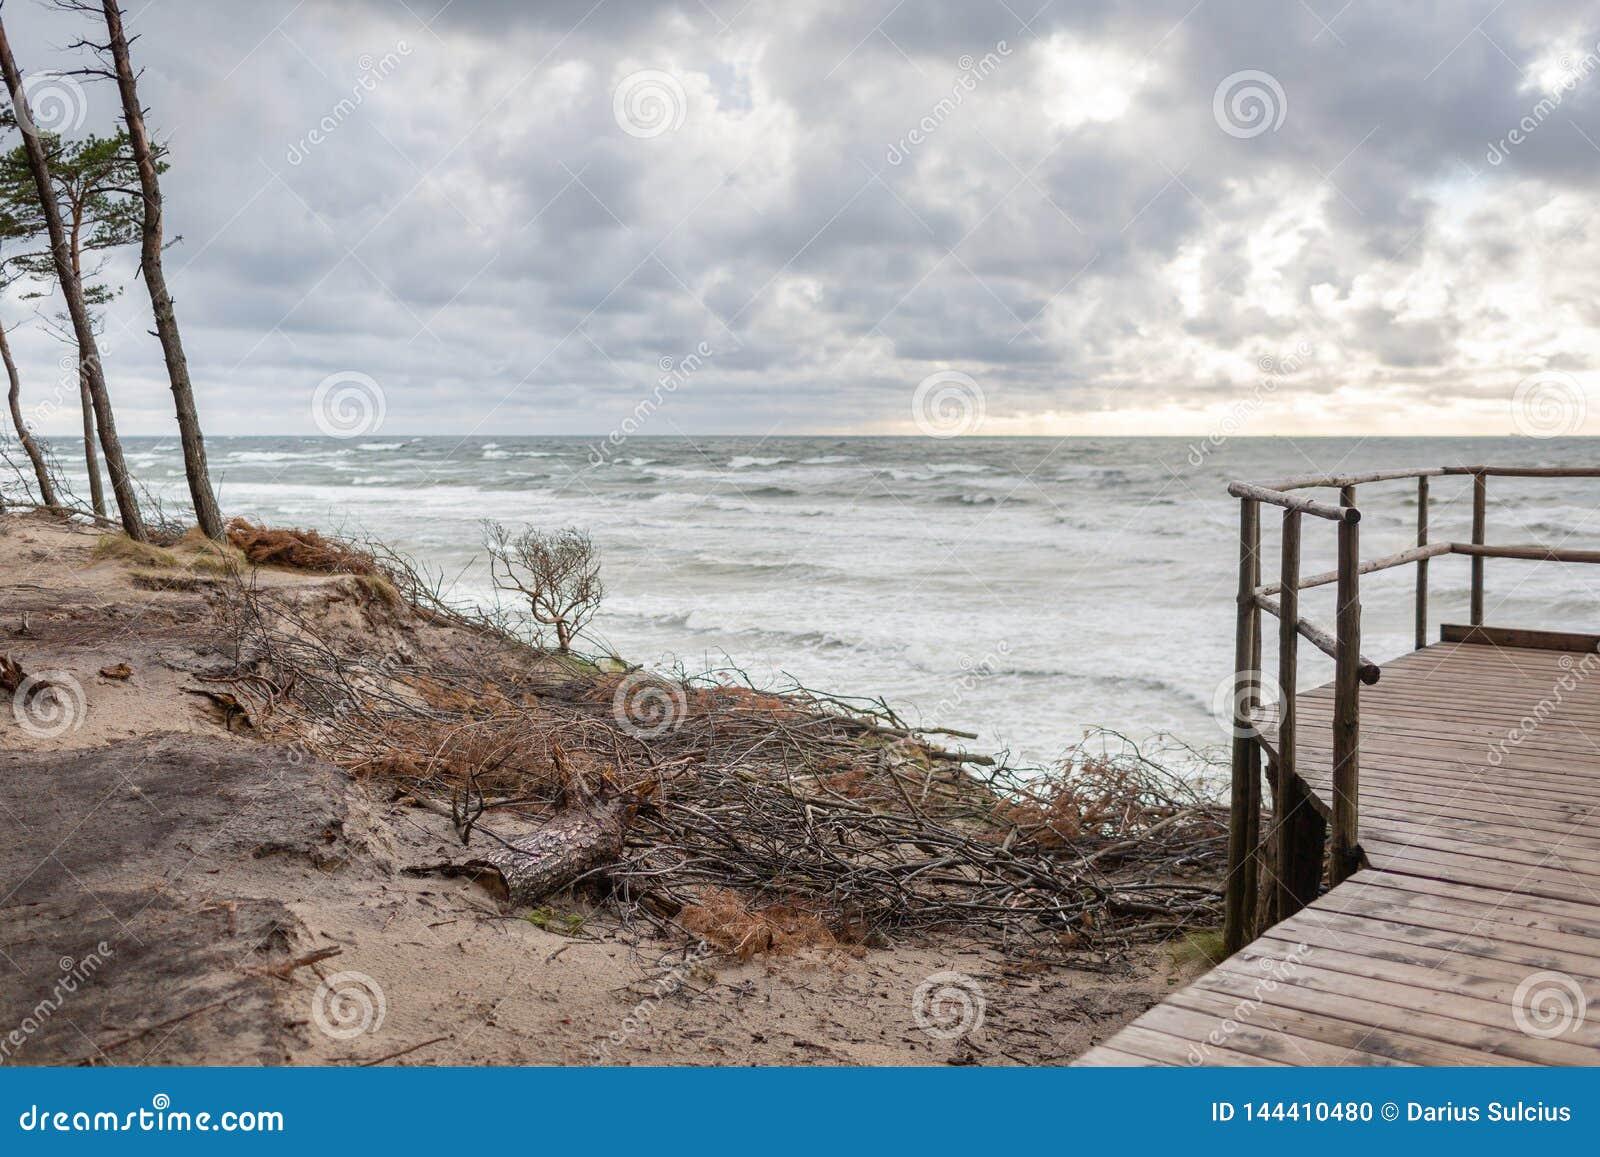 Panorama van GLB van beroemde toeristische attractienederlander in de kust regionaal park van Litouwen dichtbij Karkle, Litouwen